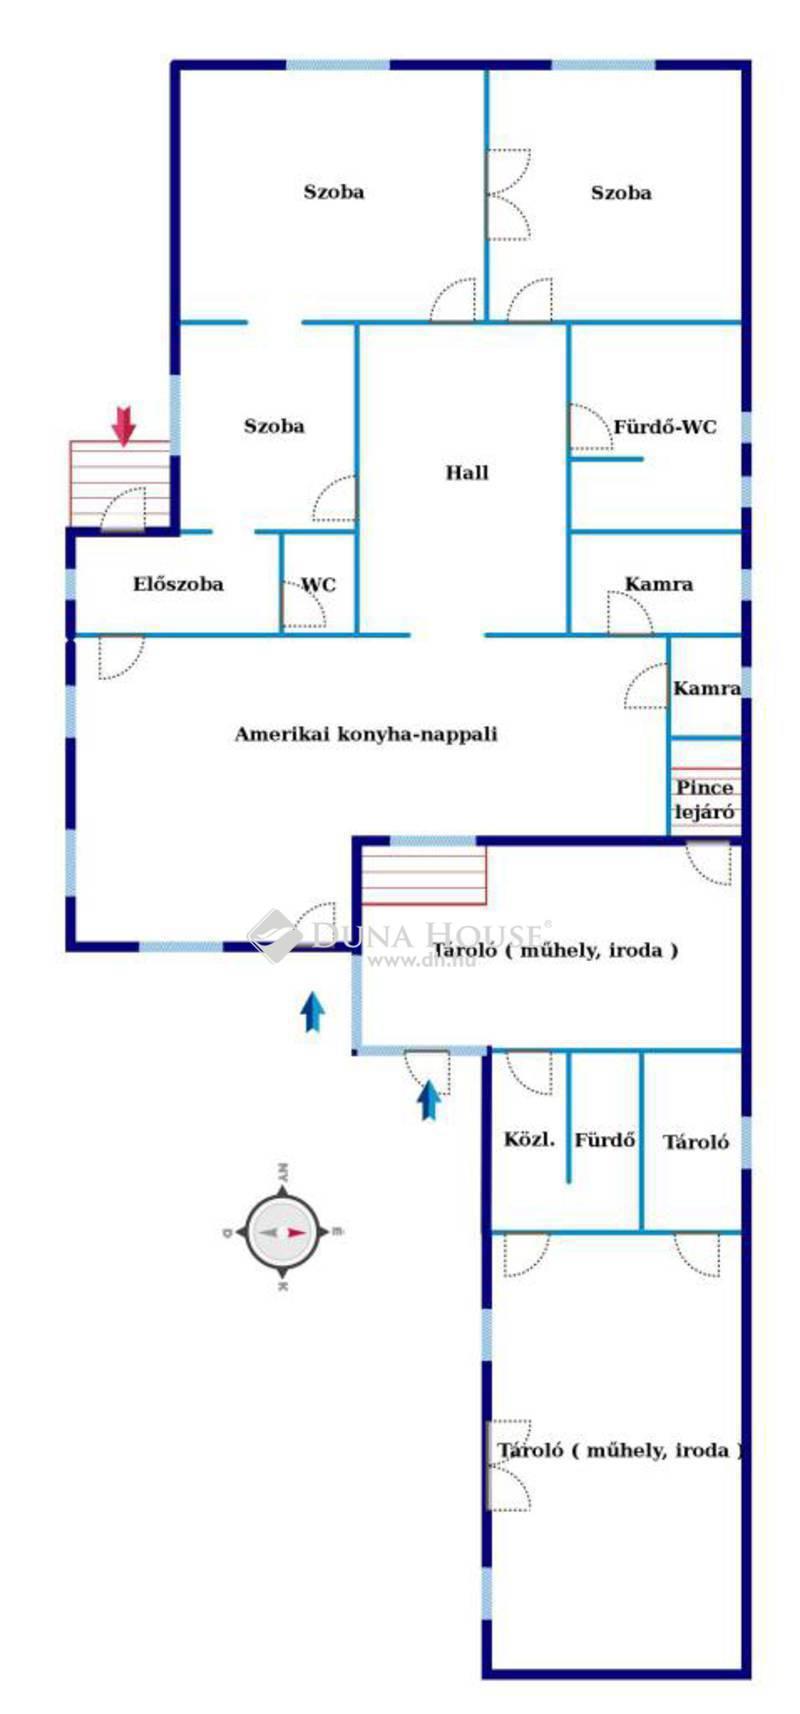 Eladó Ház, Somogy megye, Kaposvár, *** Egyenesi út, nappali+3 szobás ház